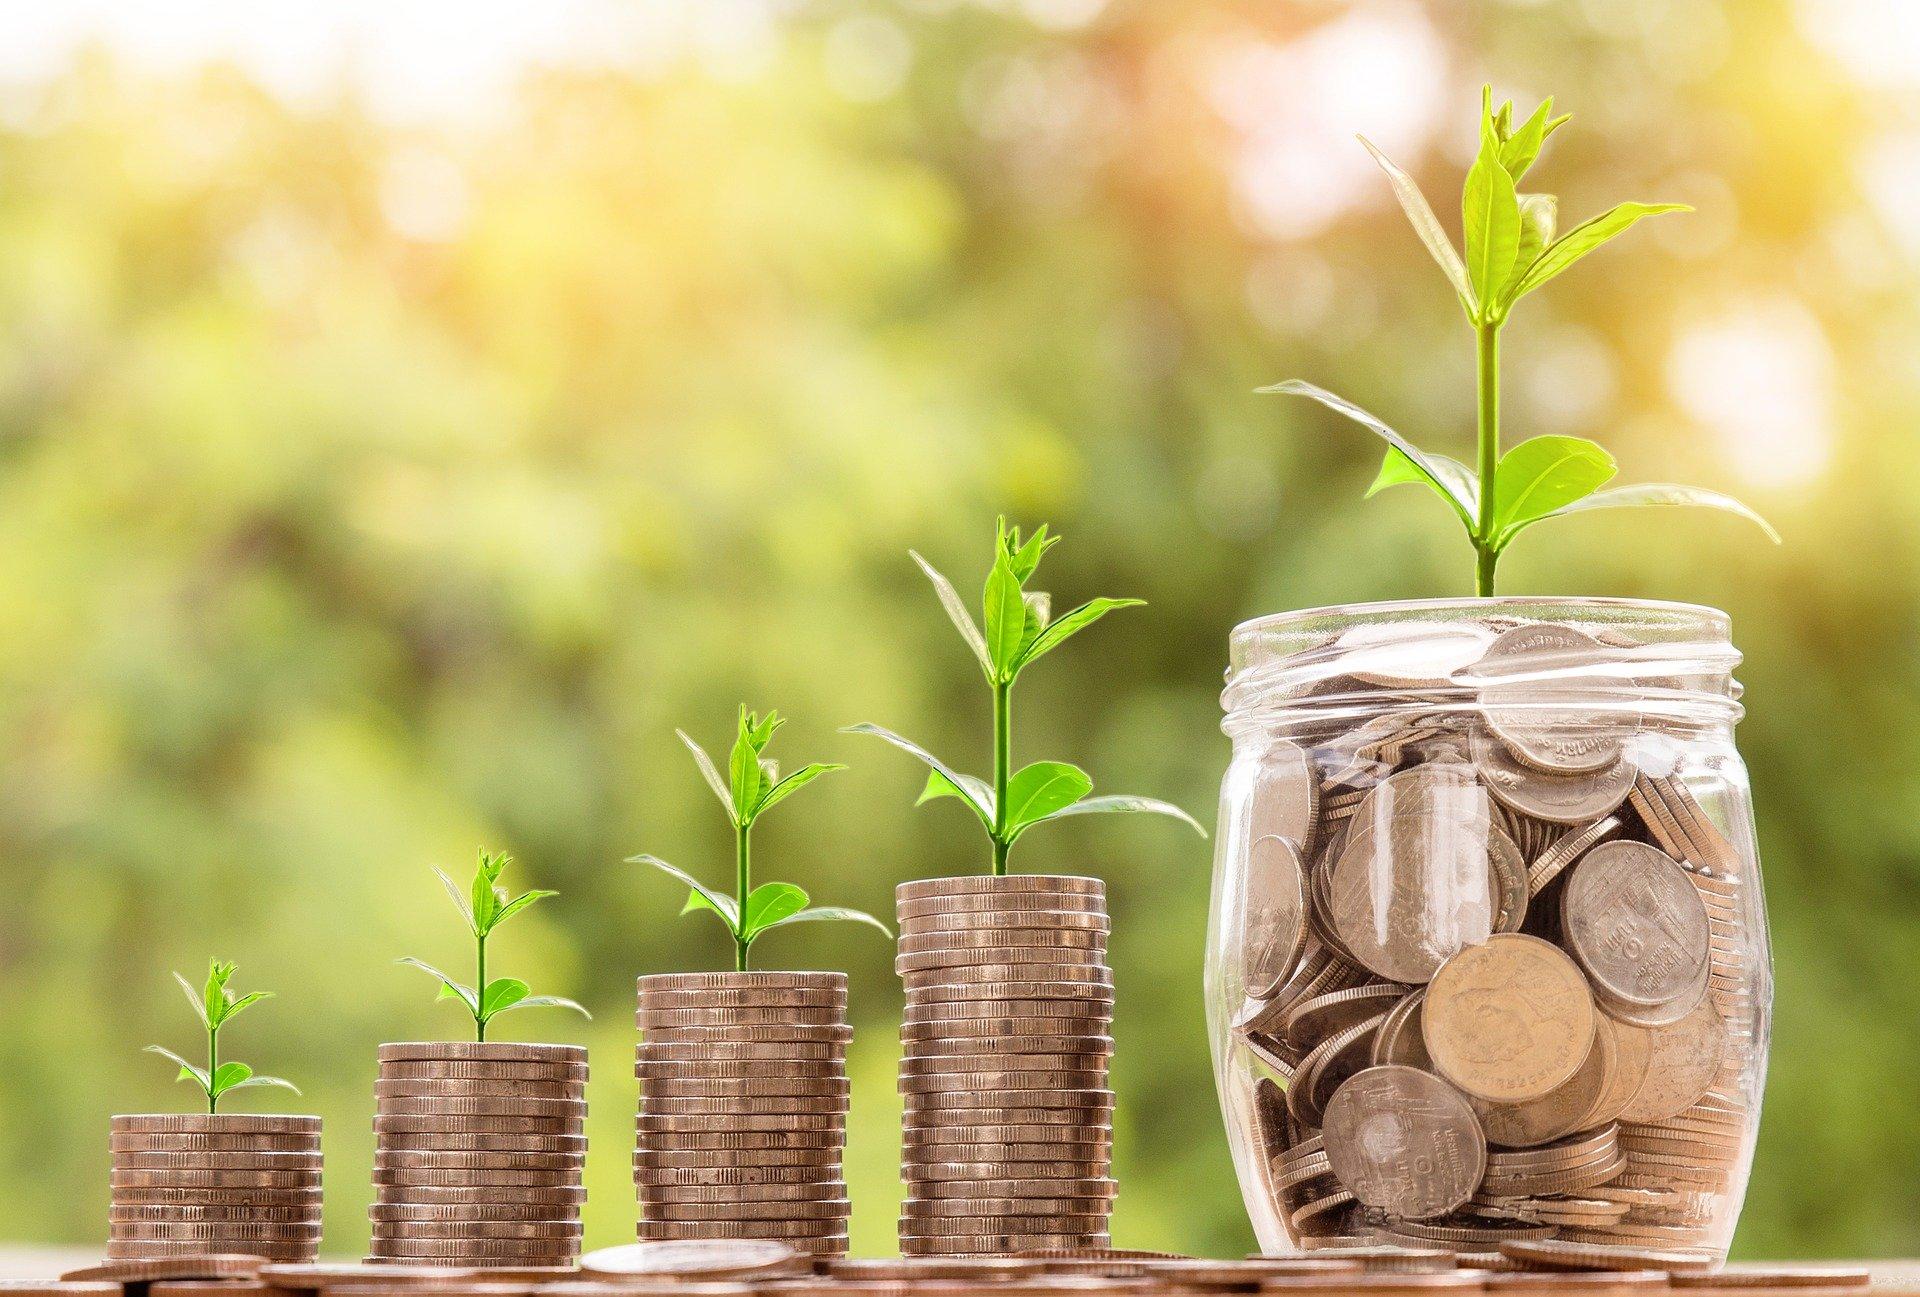 Masz nadwyżki finansowe lub oszczędności? Sprawdź, w co je zainwestować bezpiecznie i przyszłościowo!